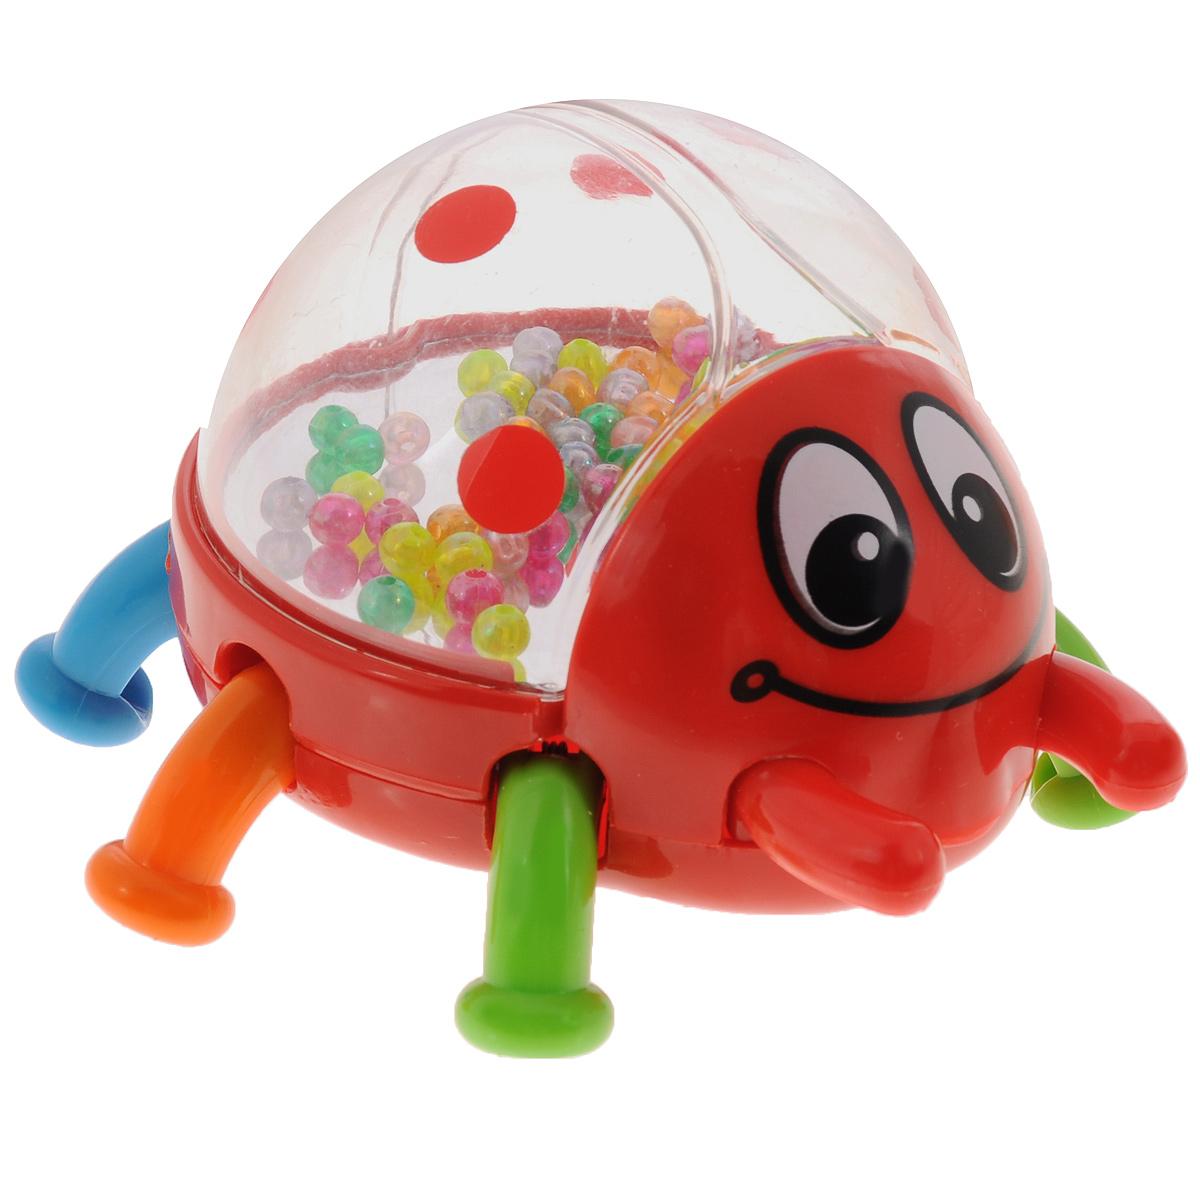 Развивающая игрушка-погремушка Mioshi Жук, цвет: красный развивающая игрушка погремушка mioshi черепашка